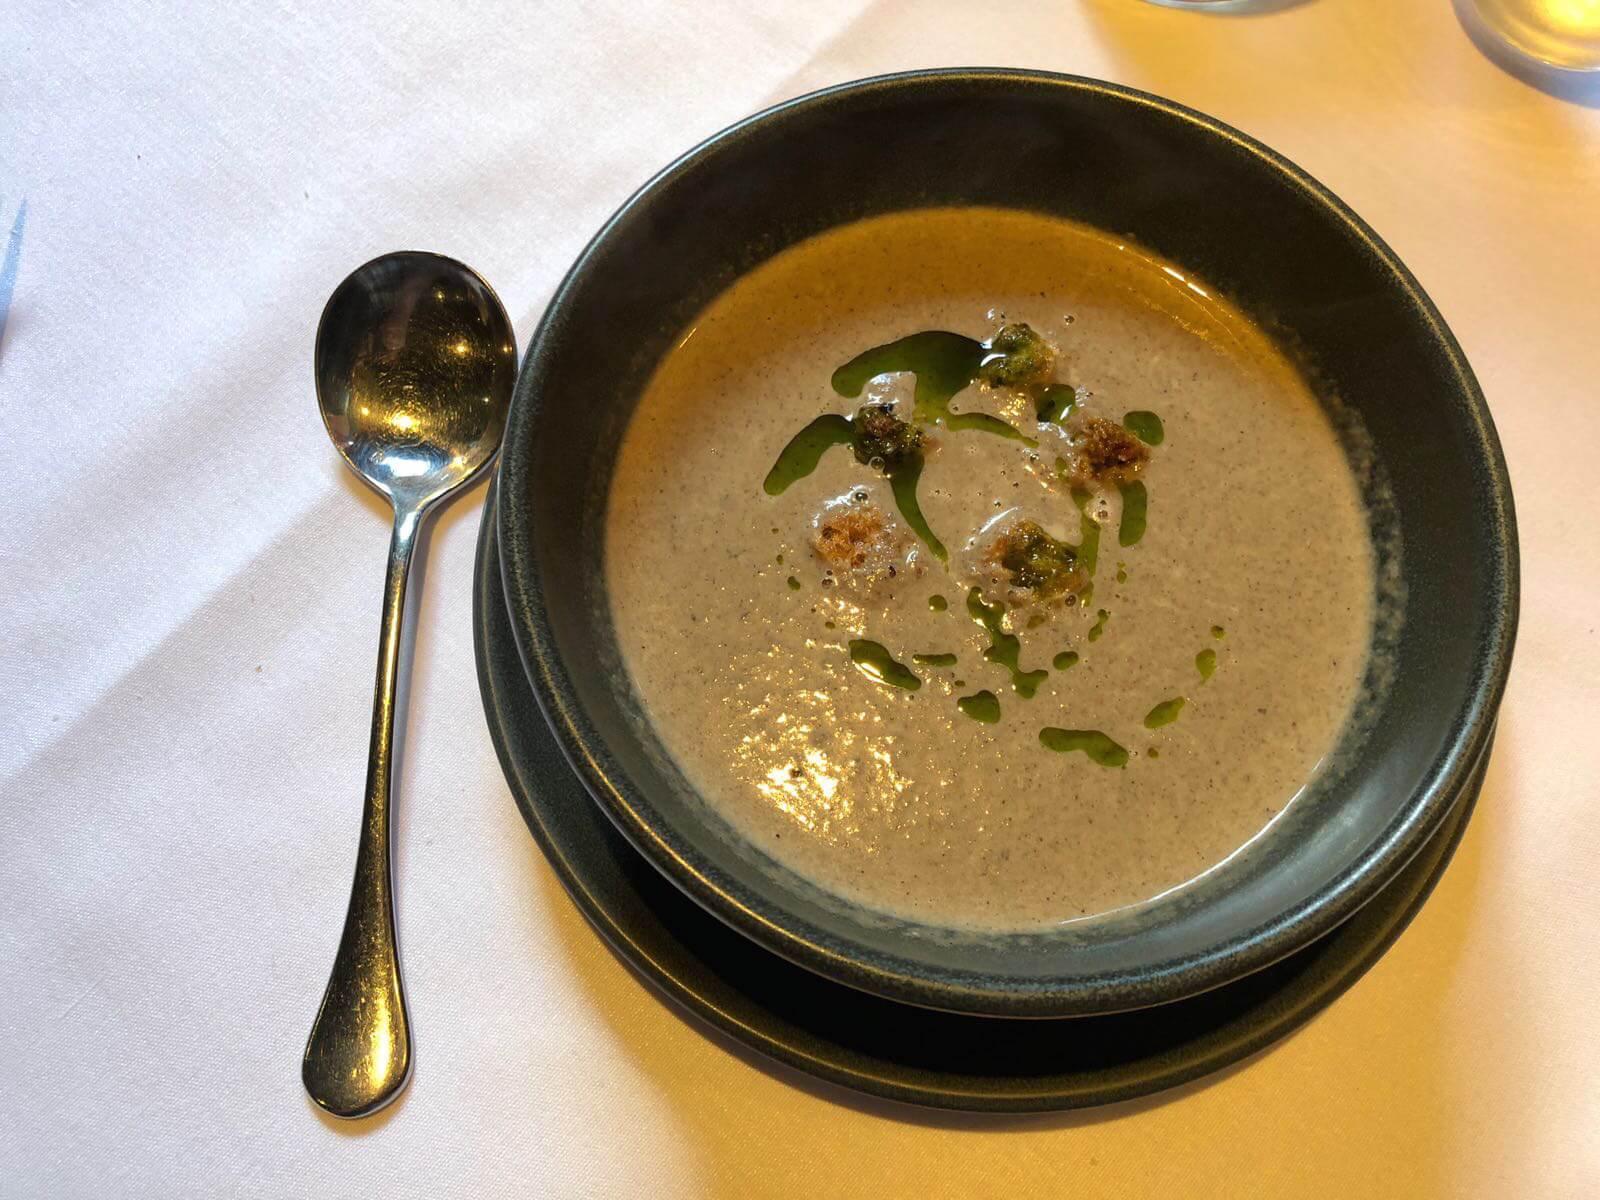 stockbridge restaurant - mushroom soup starter